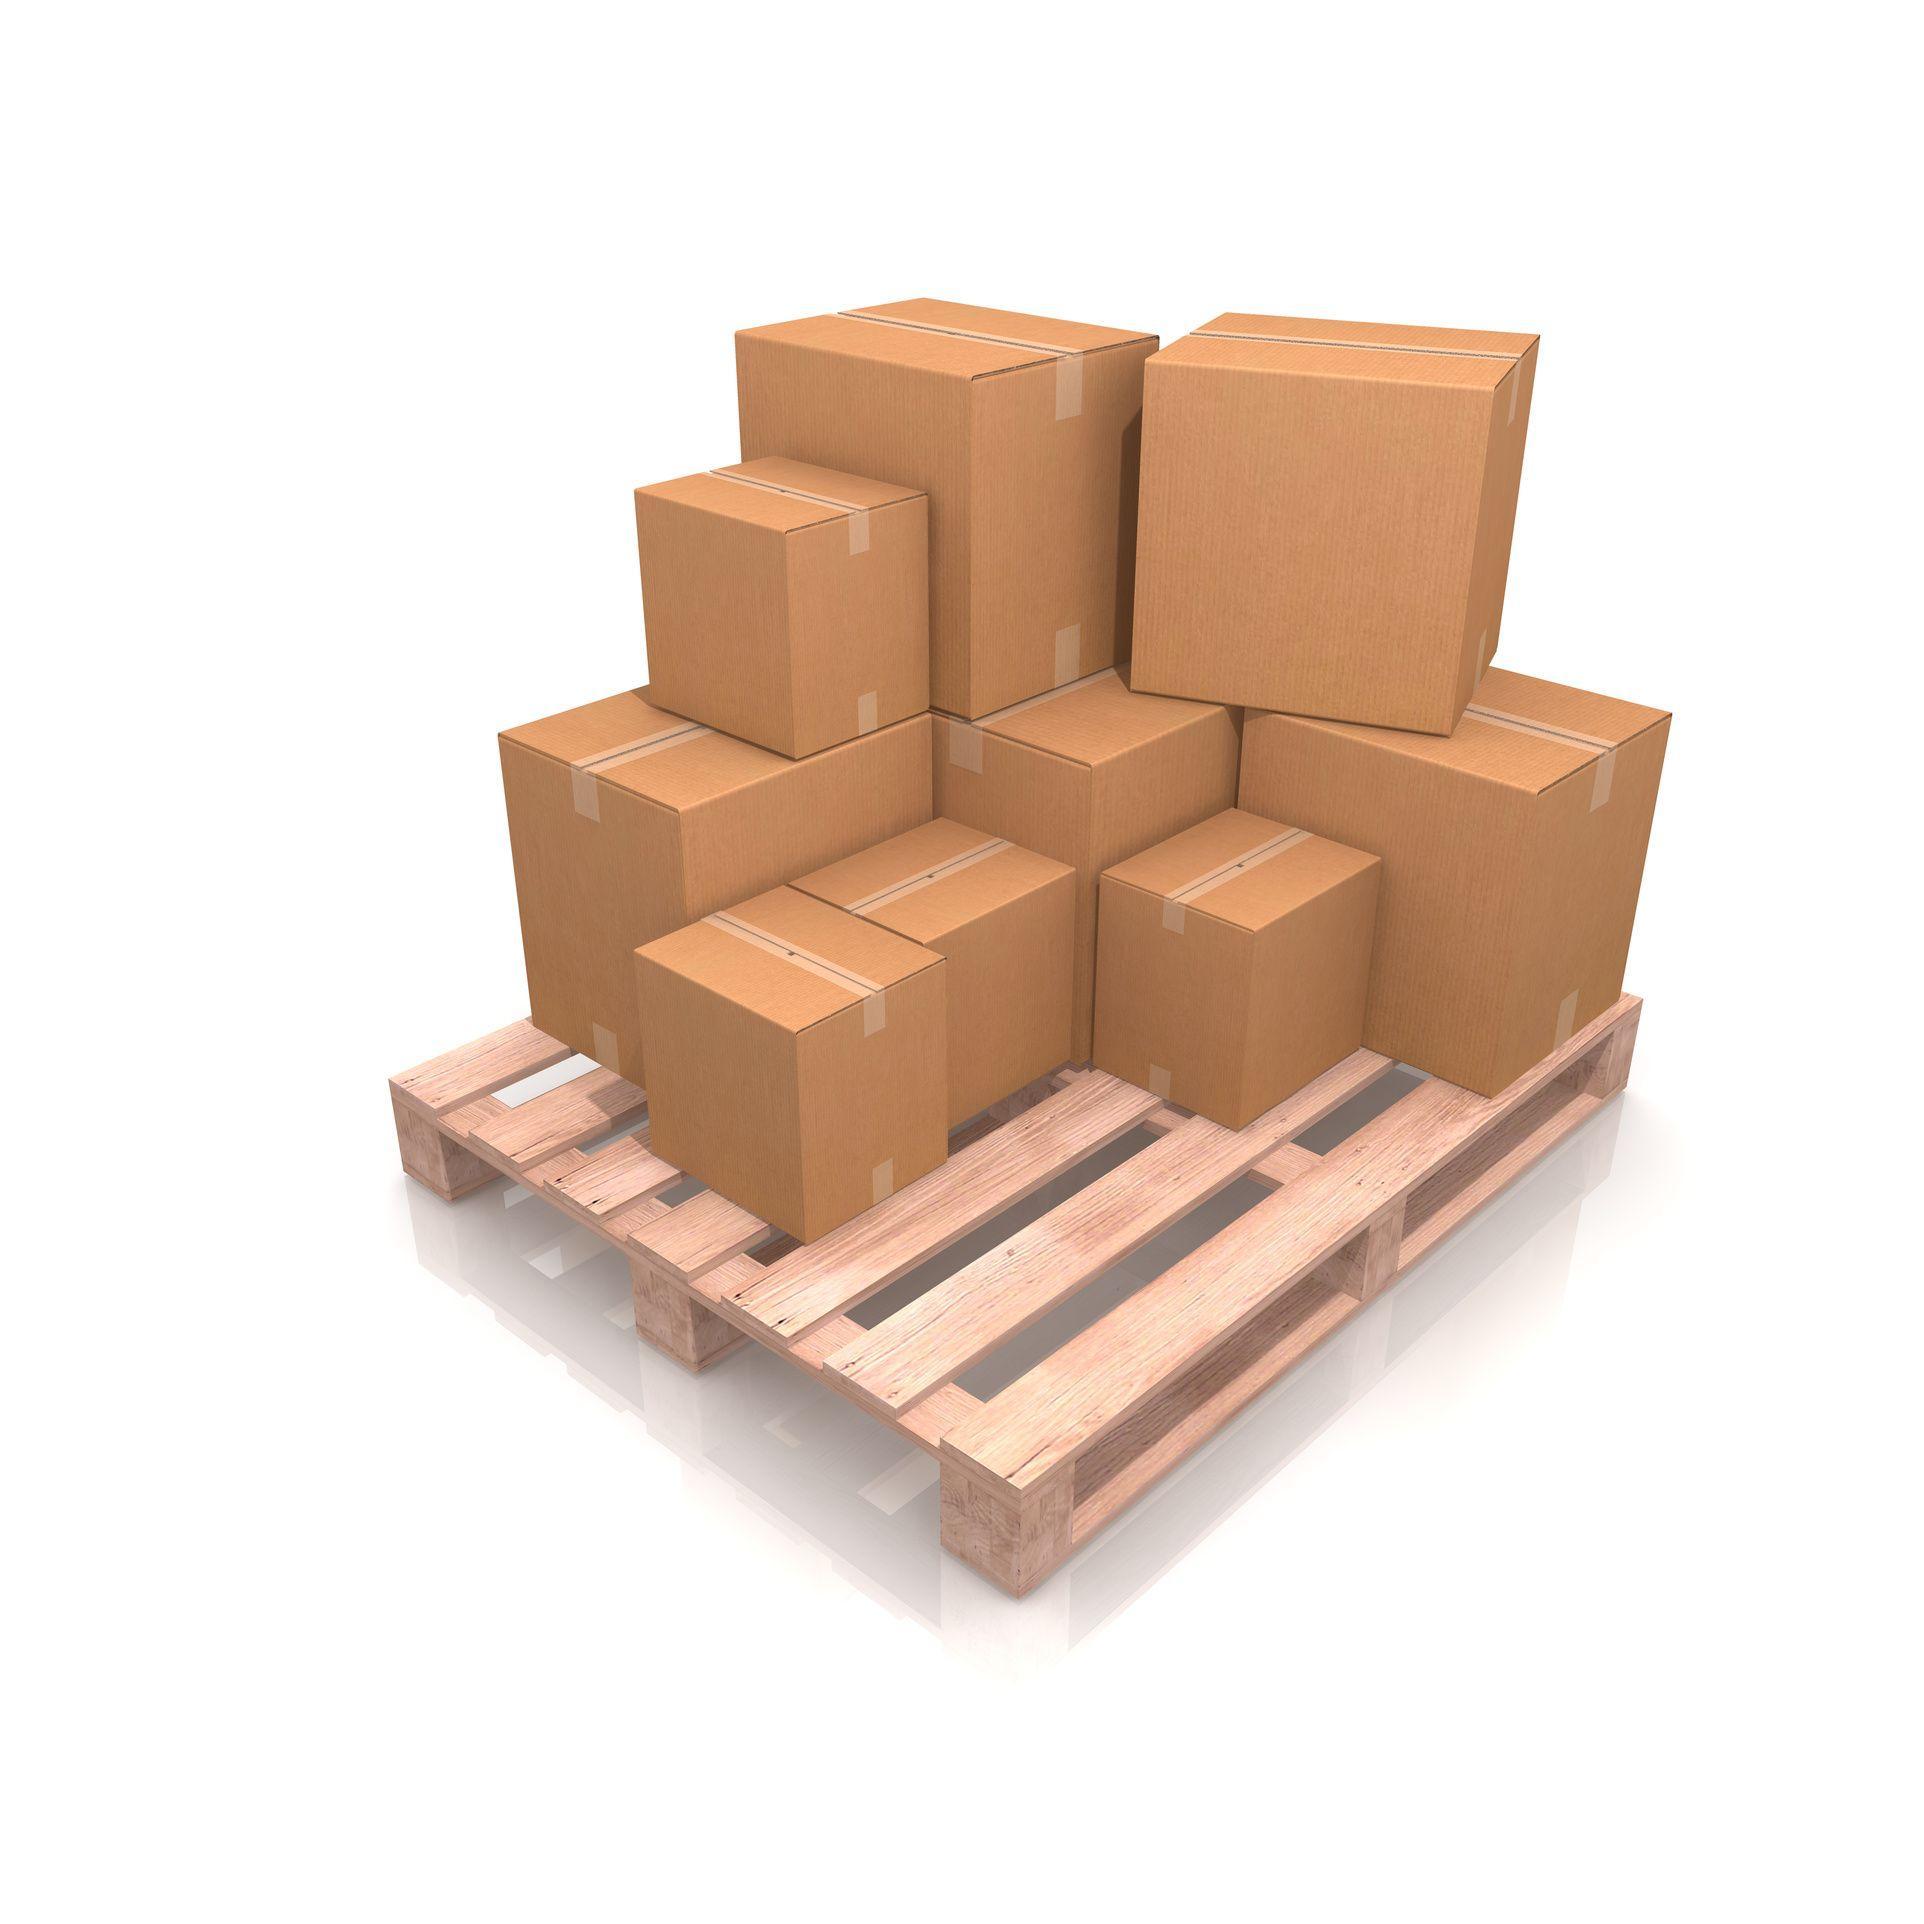 Déménagement : quelle est la solution idéale pour passer un déménagement en toute tranquillité?